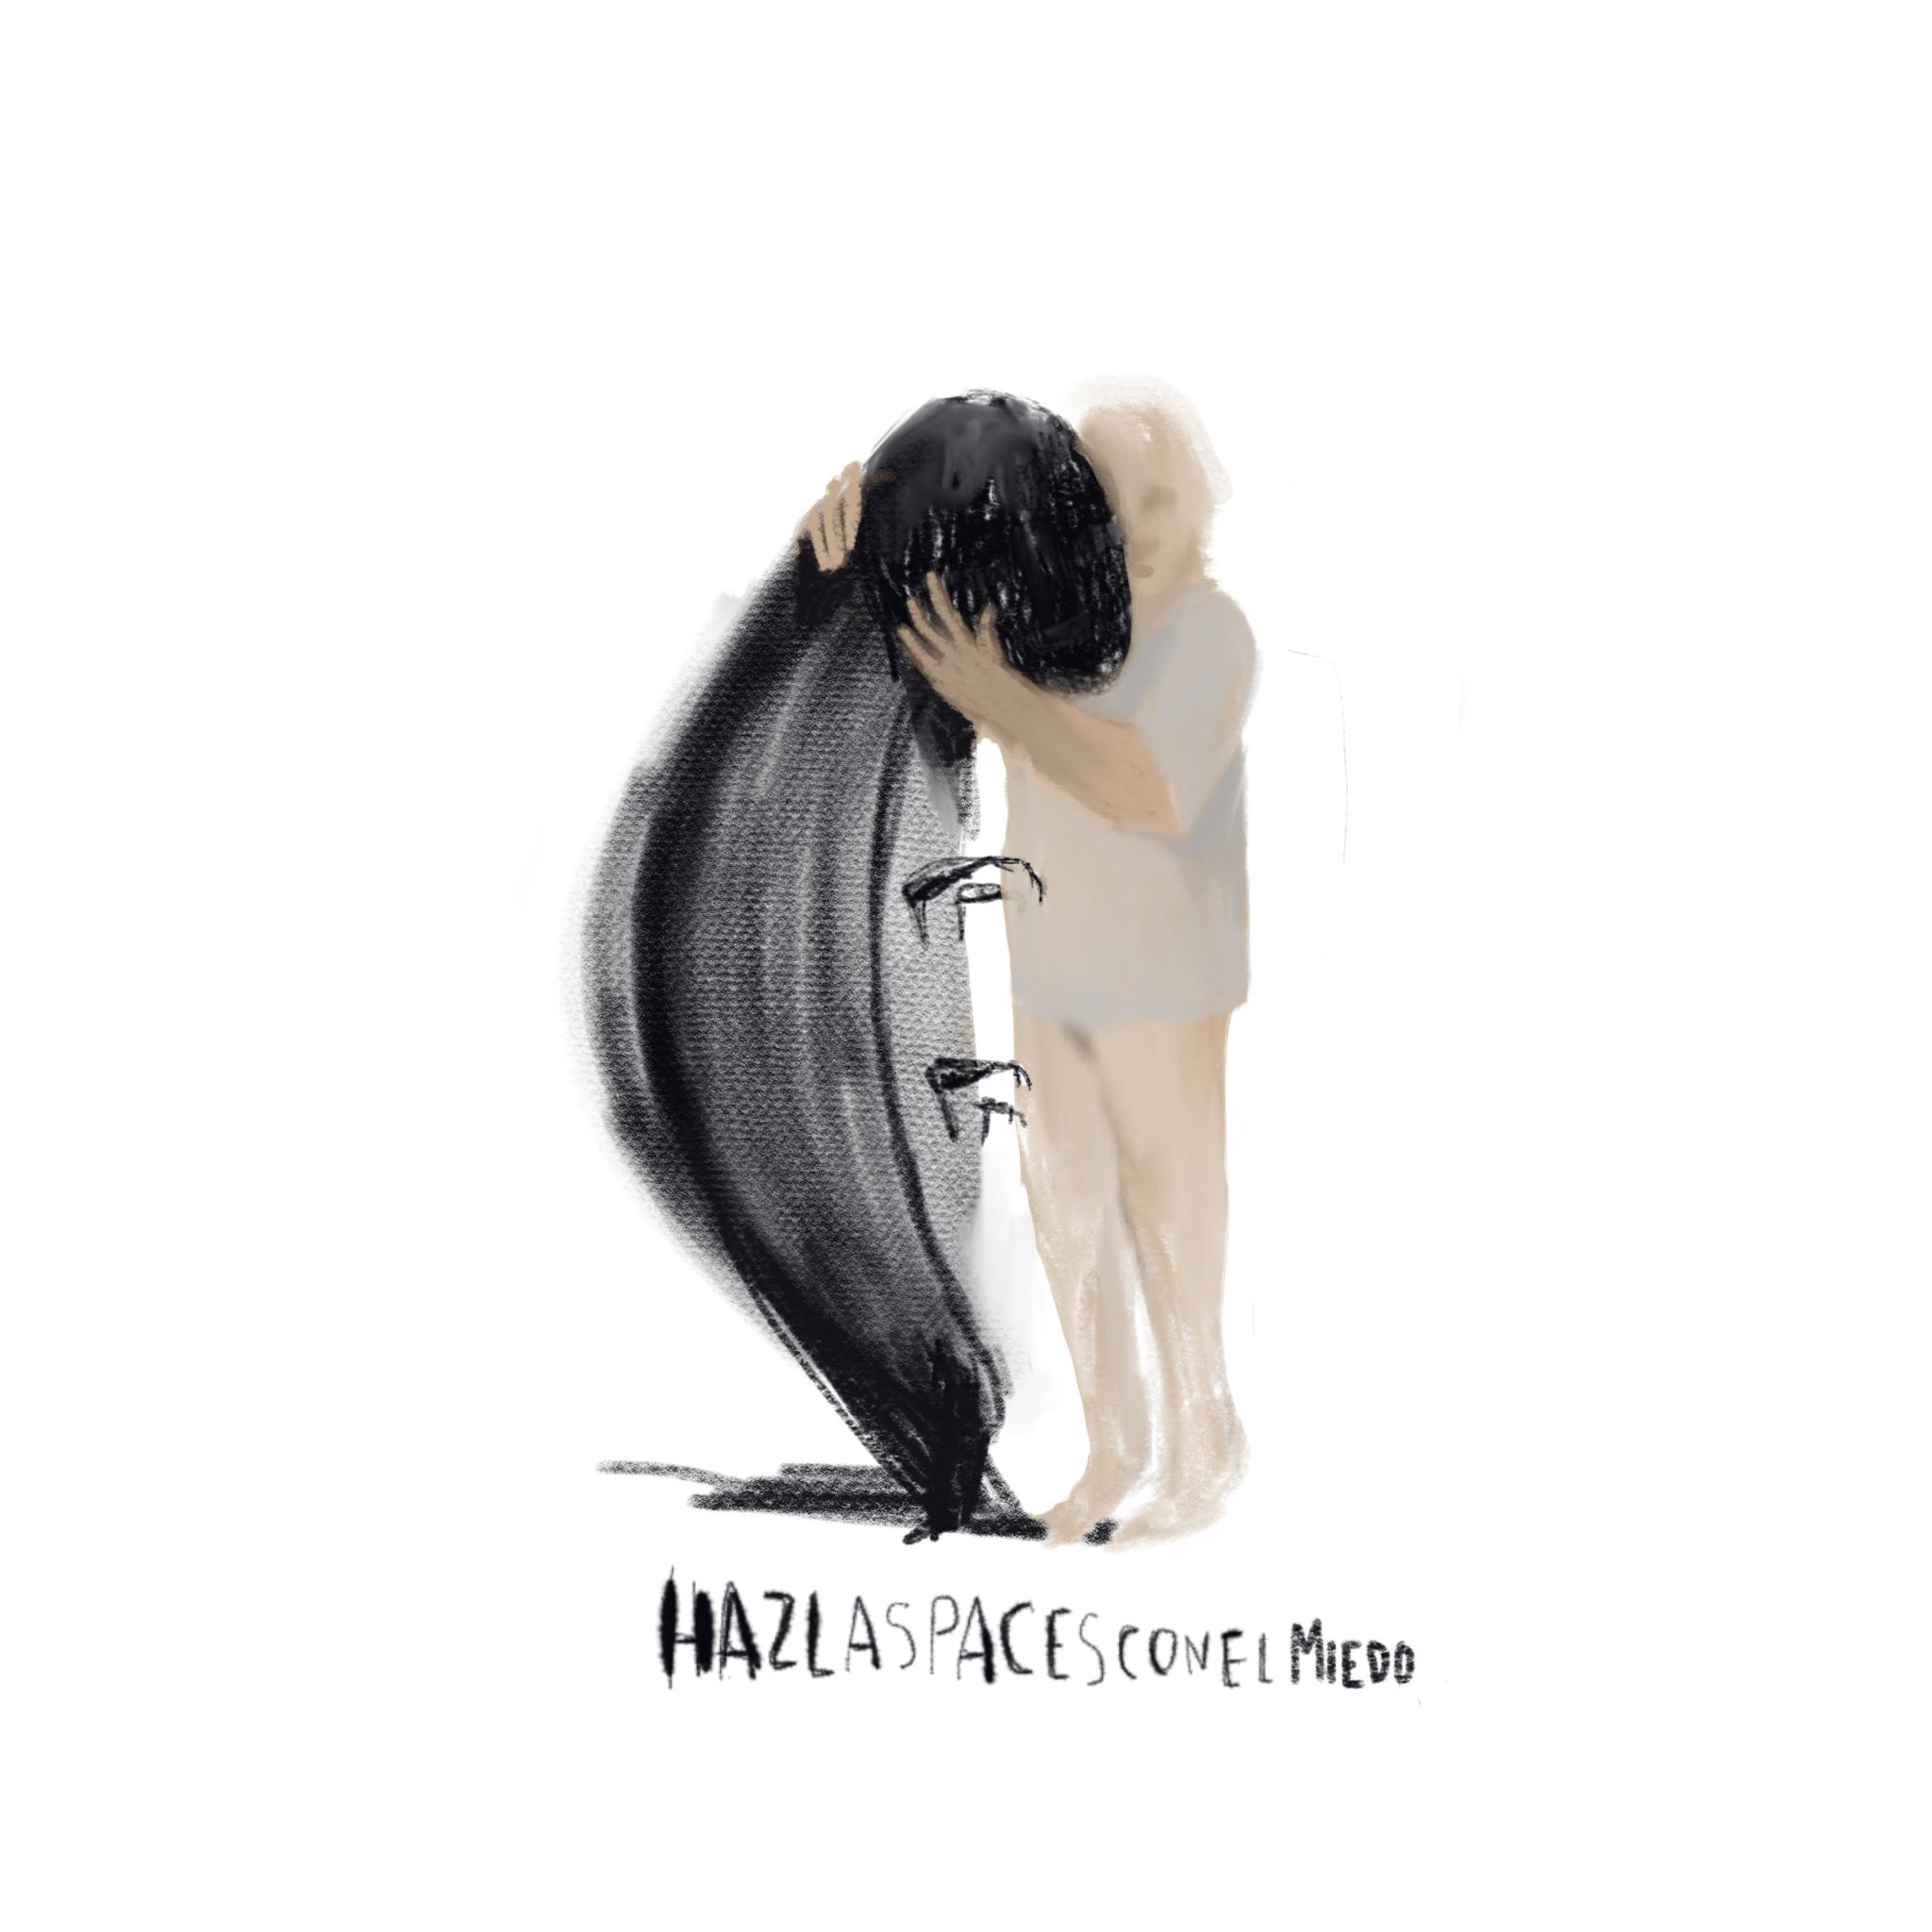 Ilustración de Elena Sevilla de niño abrazando a un monstruo